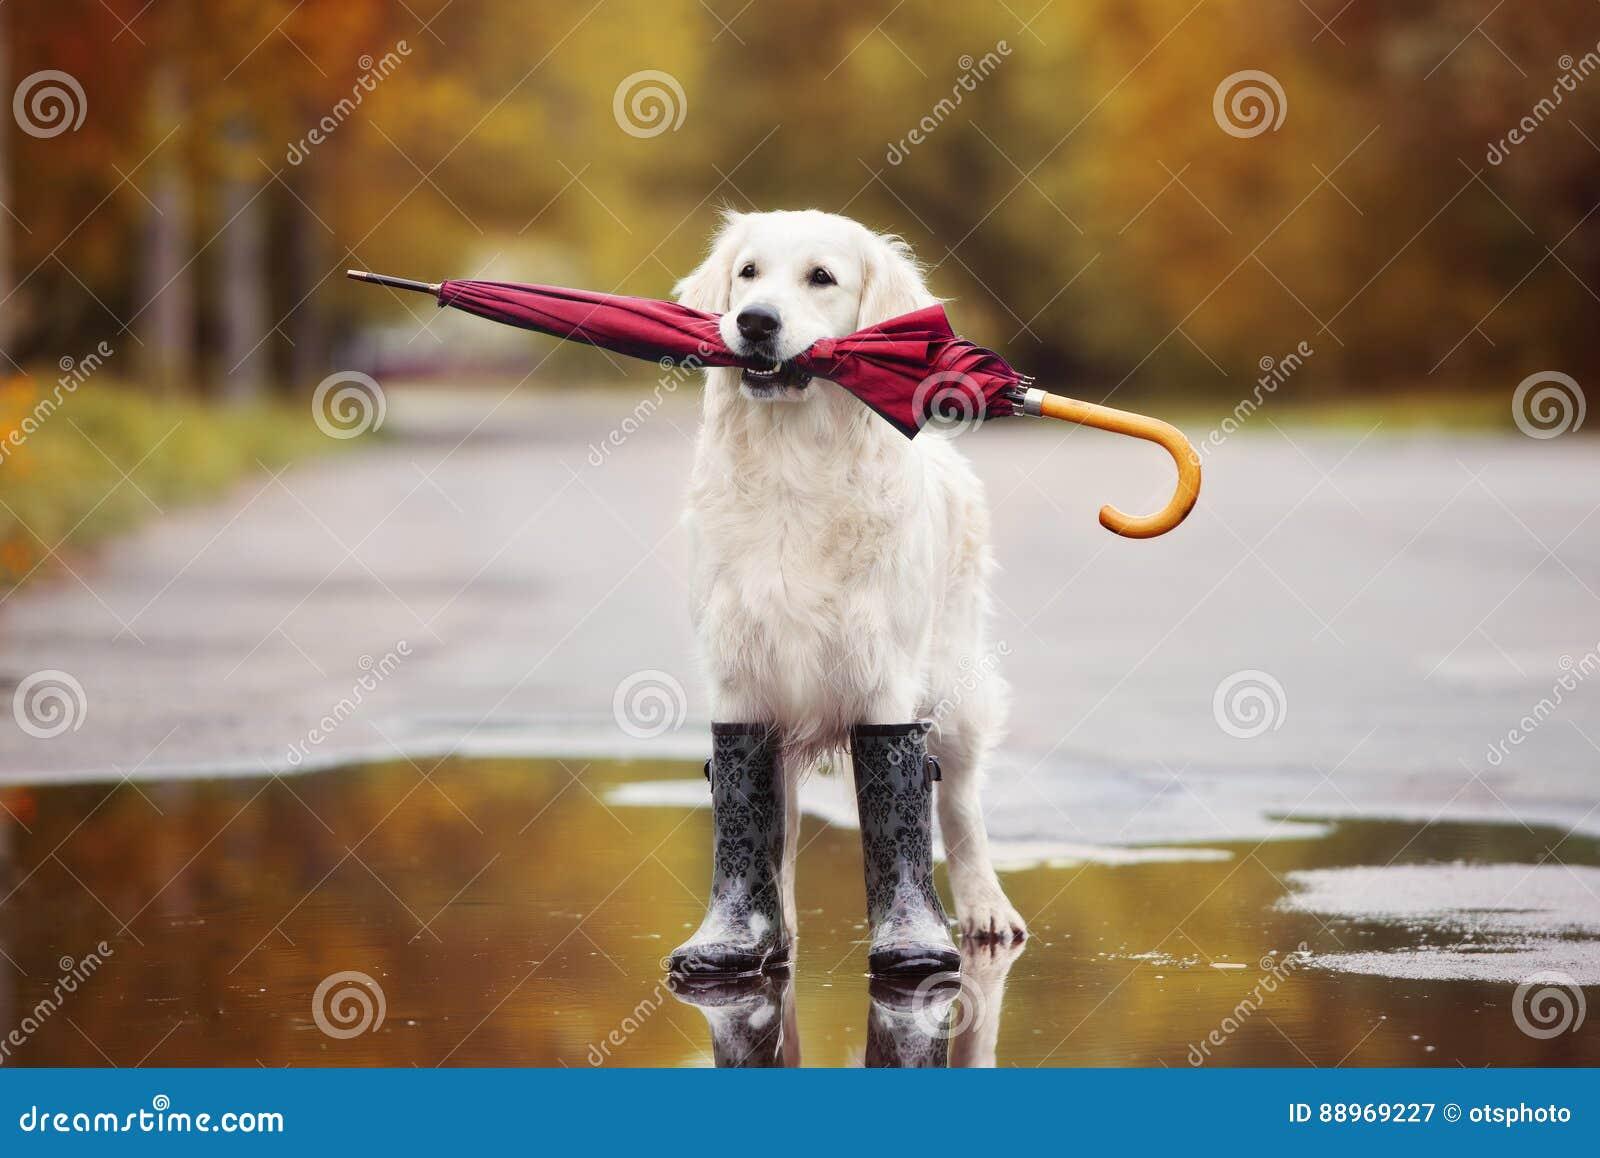 Golden Retriever Hund In Den Regenstiefeln Die Draußen Einen